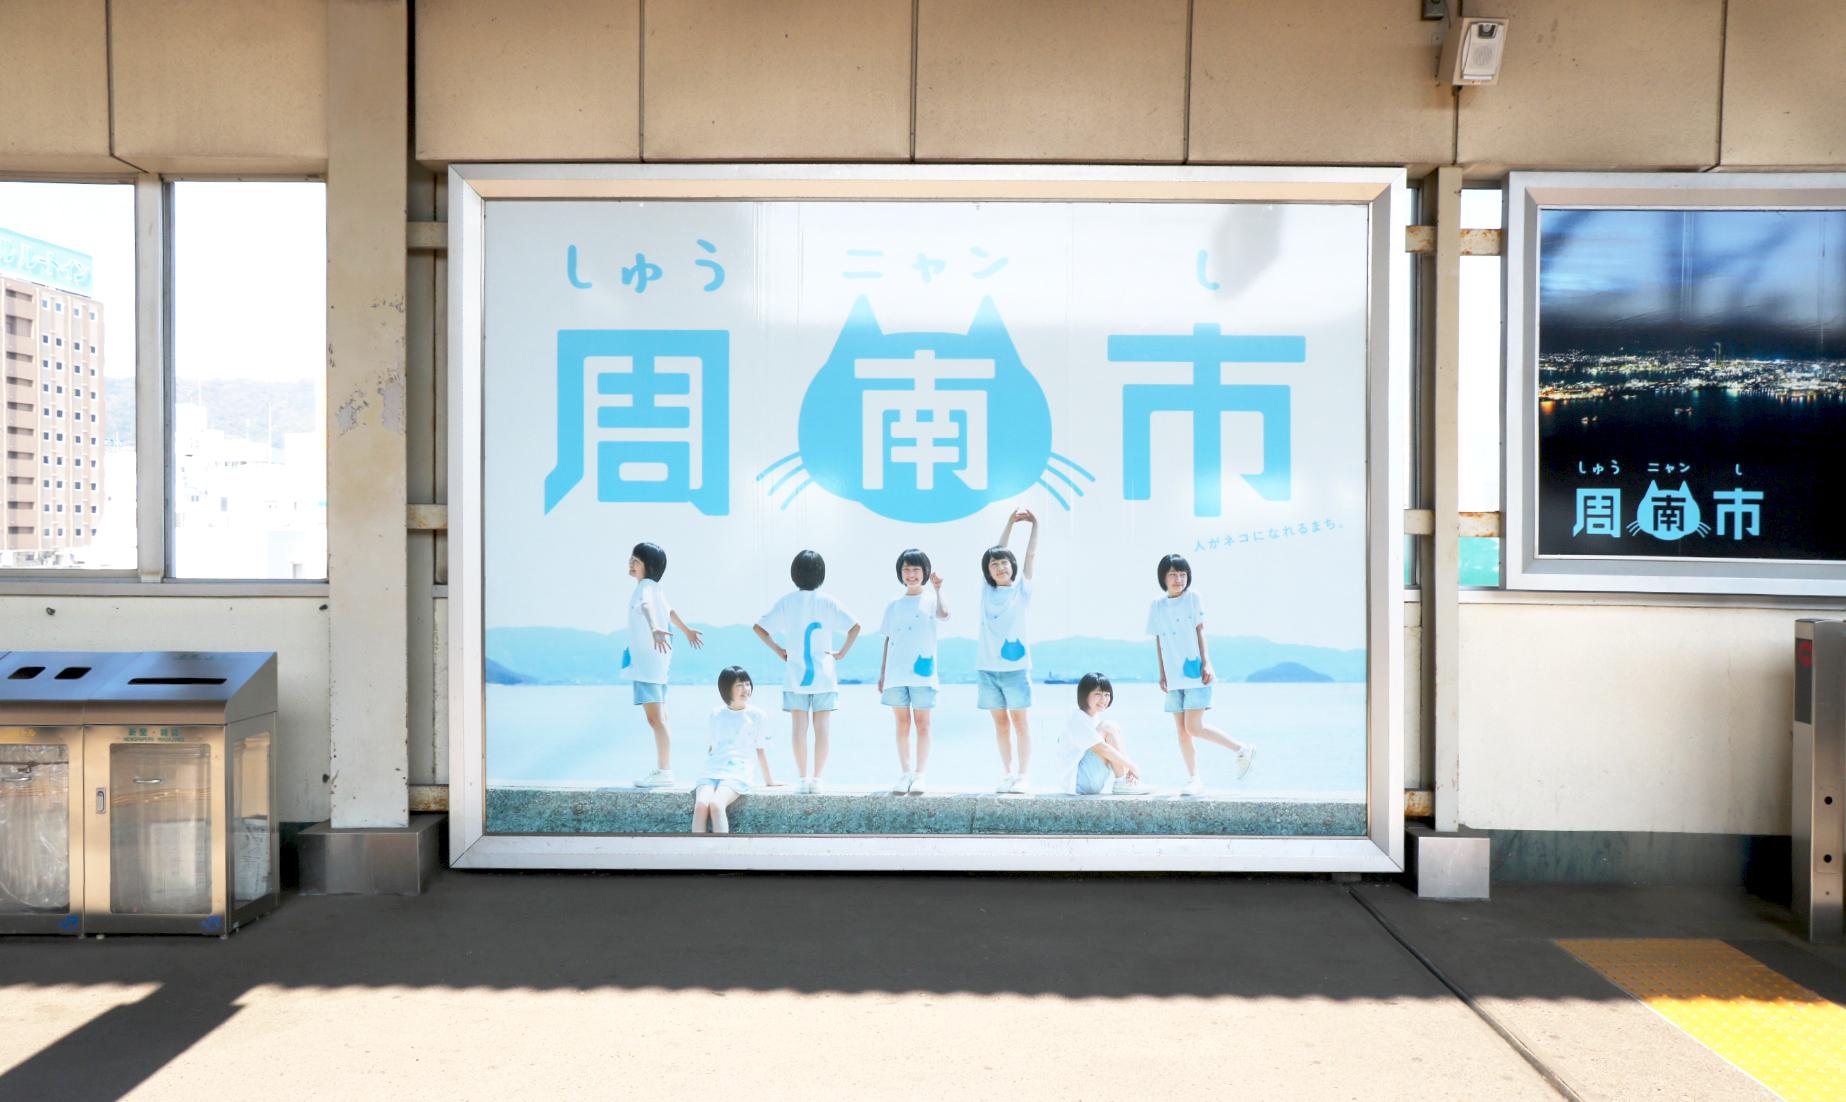 猫で町おこし!?不思議な町、山口県周南市(しゅうニャンし)でマッチングイベント参加!